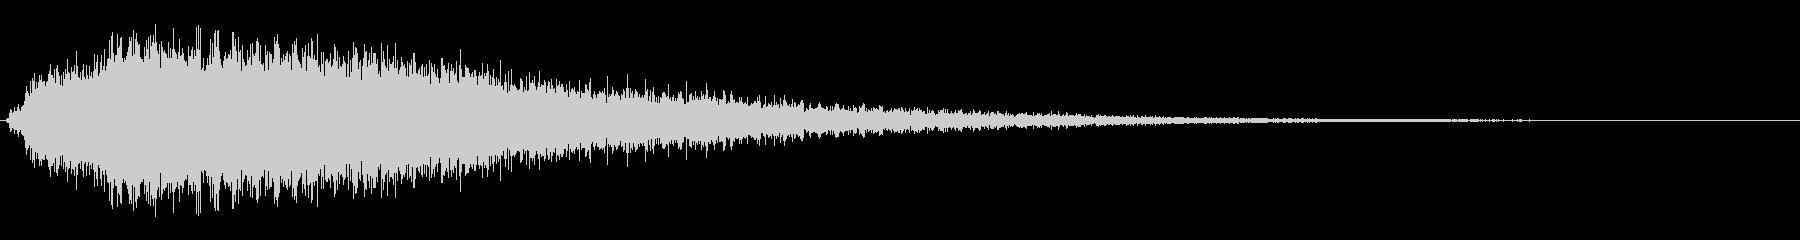 シュウーン(近未来的な音の効果音)の未再生の波形